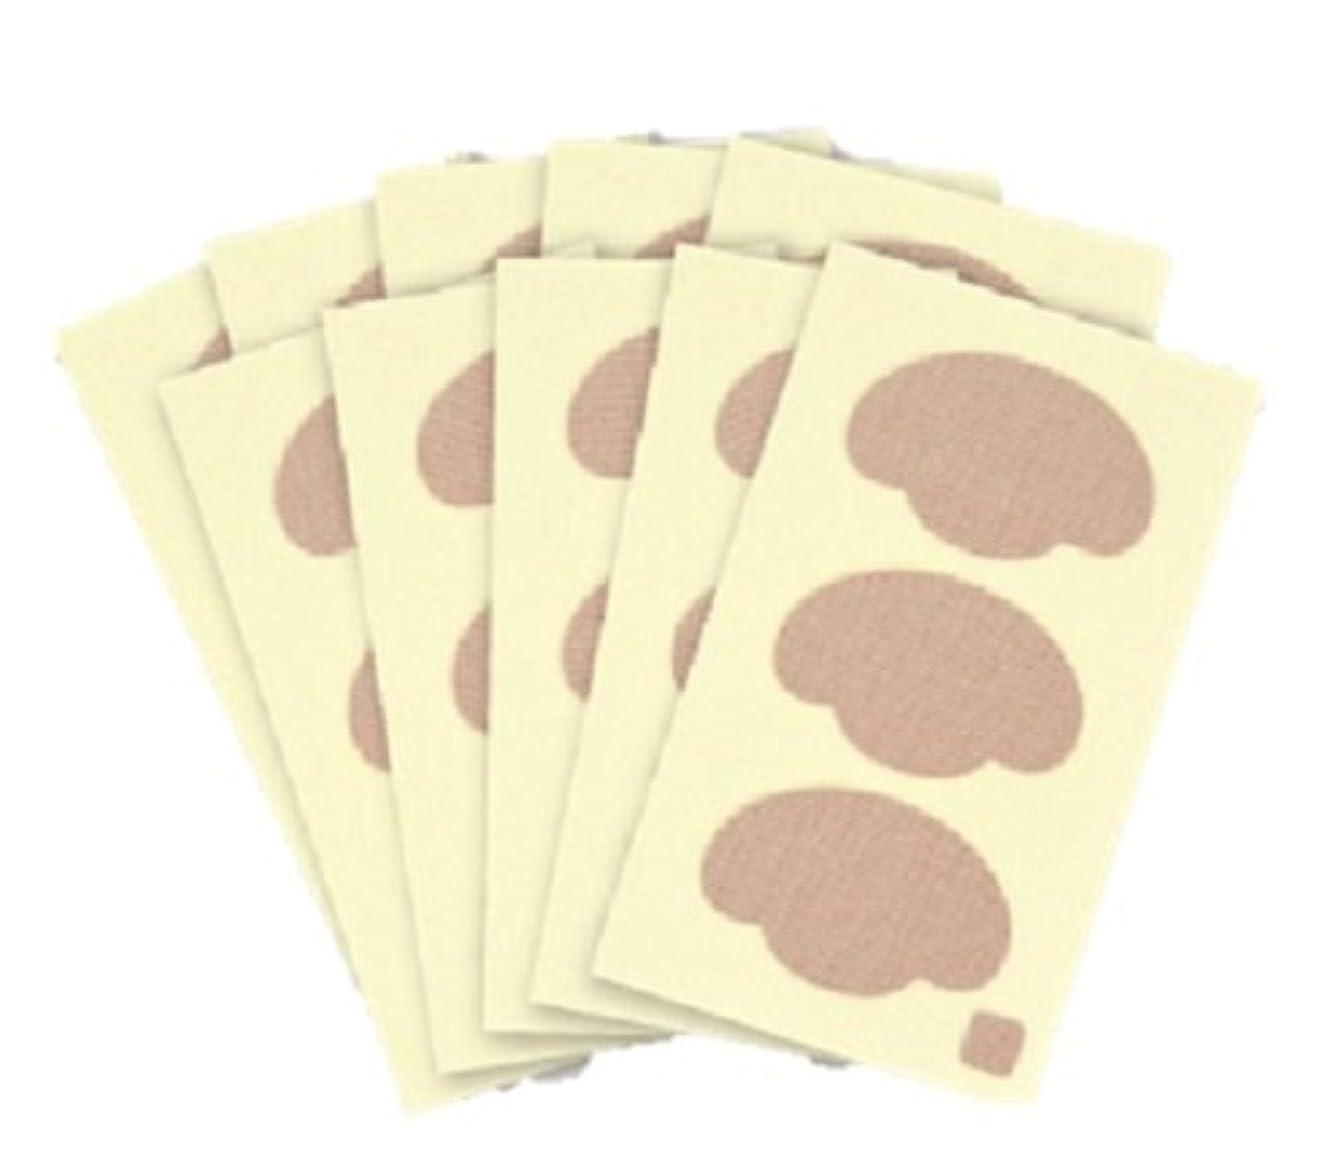 確保する飼料害虫底マメケアテープ 30枚入 底マメテープ 底マメ 底まめ タコ 摩擦 硬化 ガード 足裏 保護シール シート 日本製 30枚入